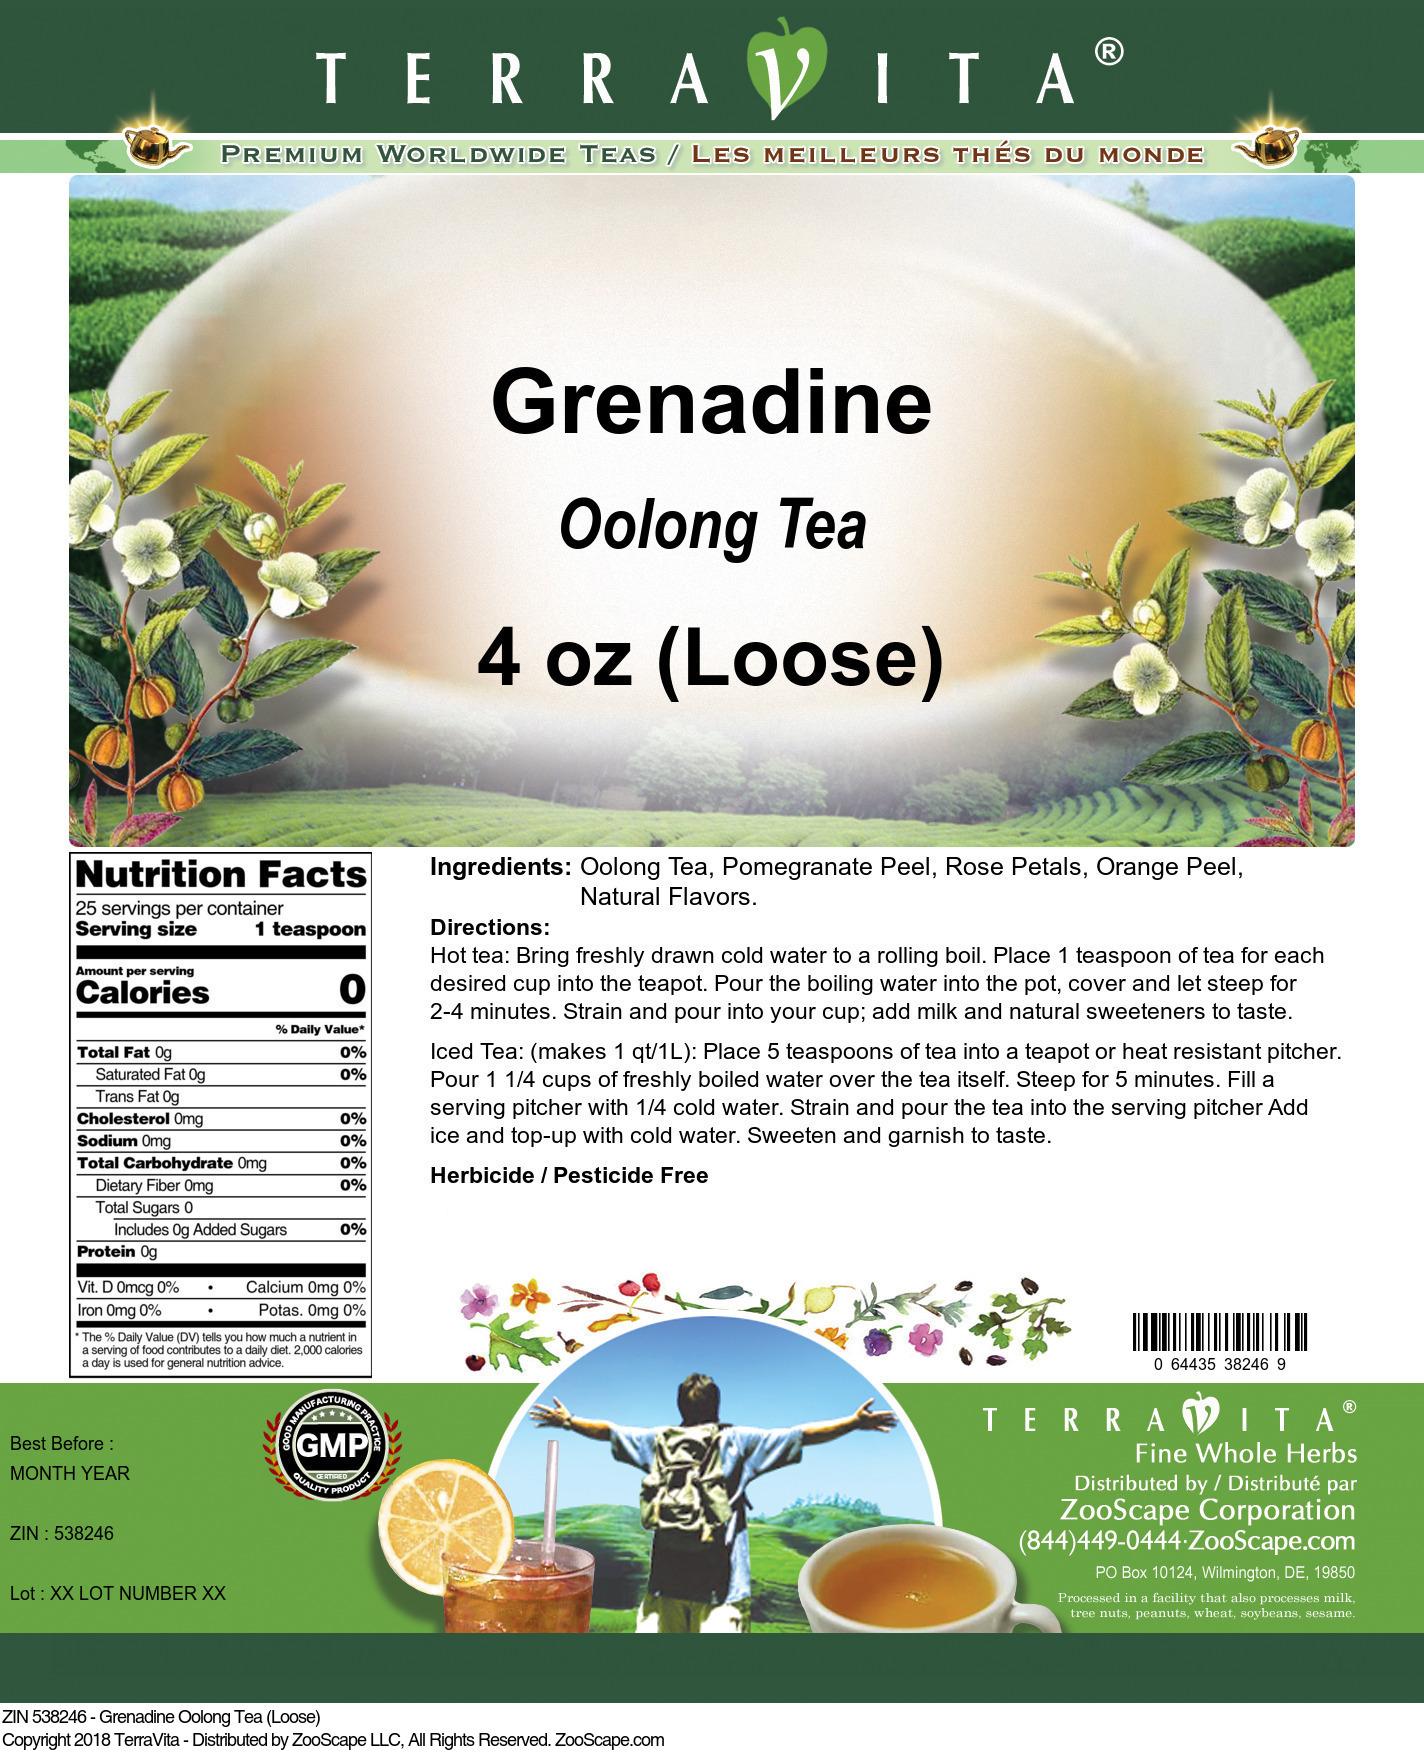 Grenadine Oolong Tea (Loose)